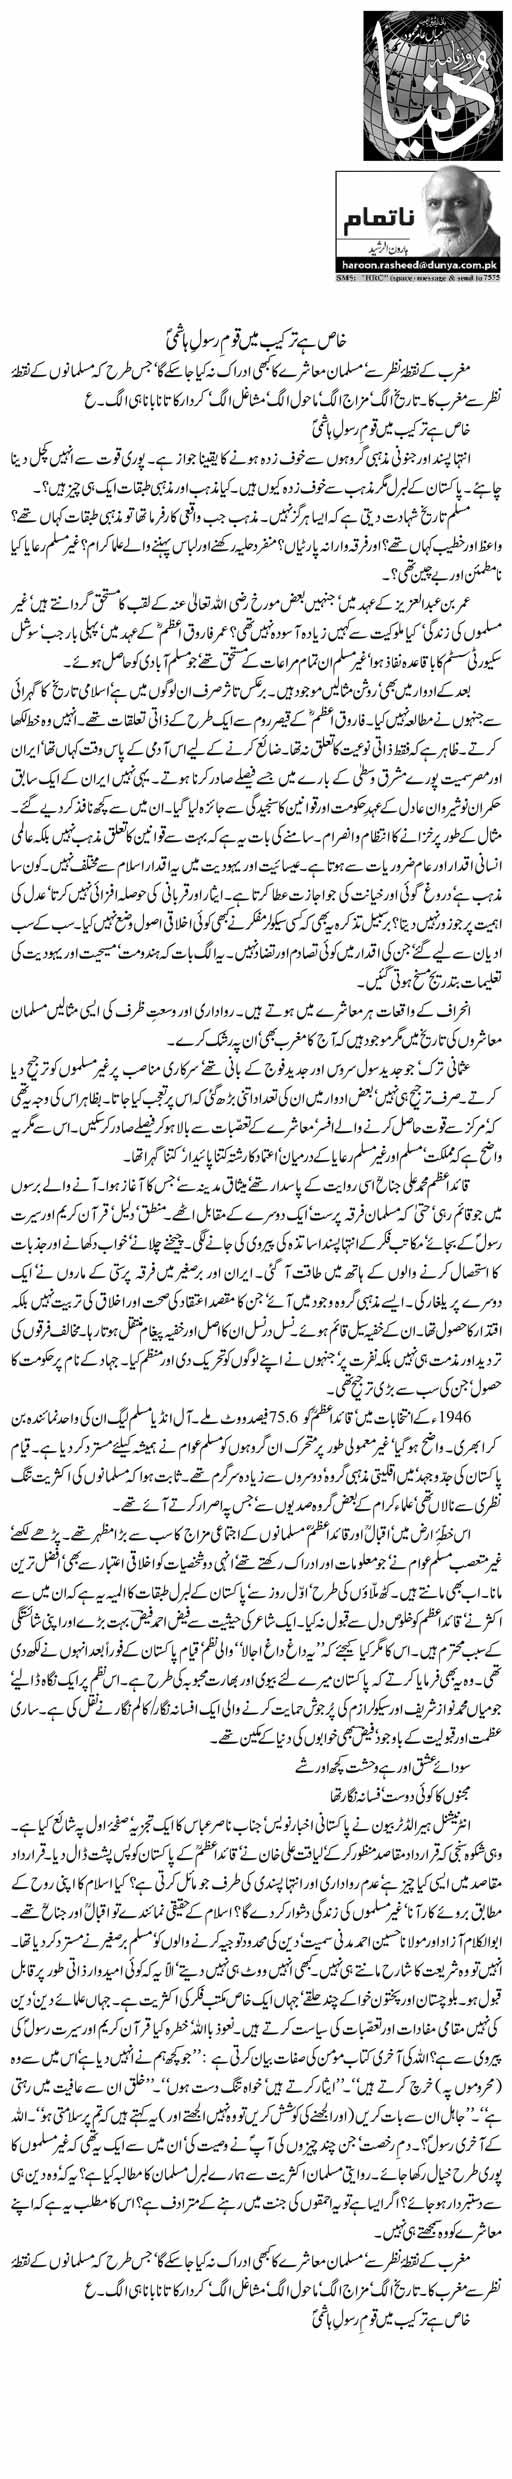 Haroon Rashid - Natamam - 17 August 2017